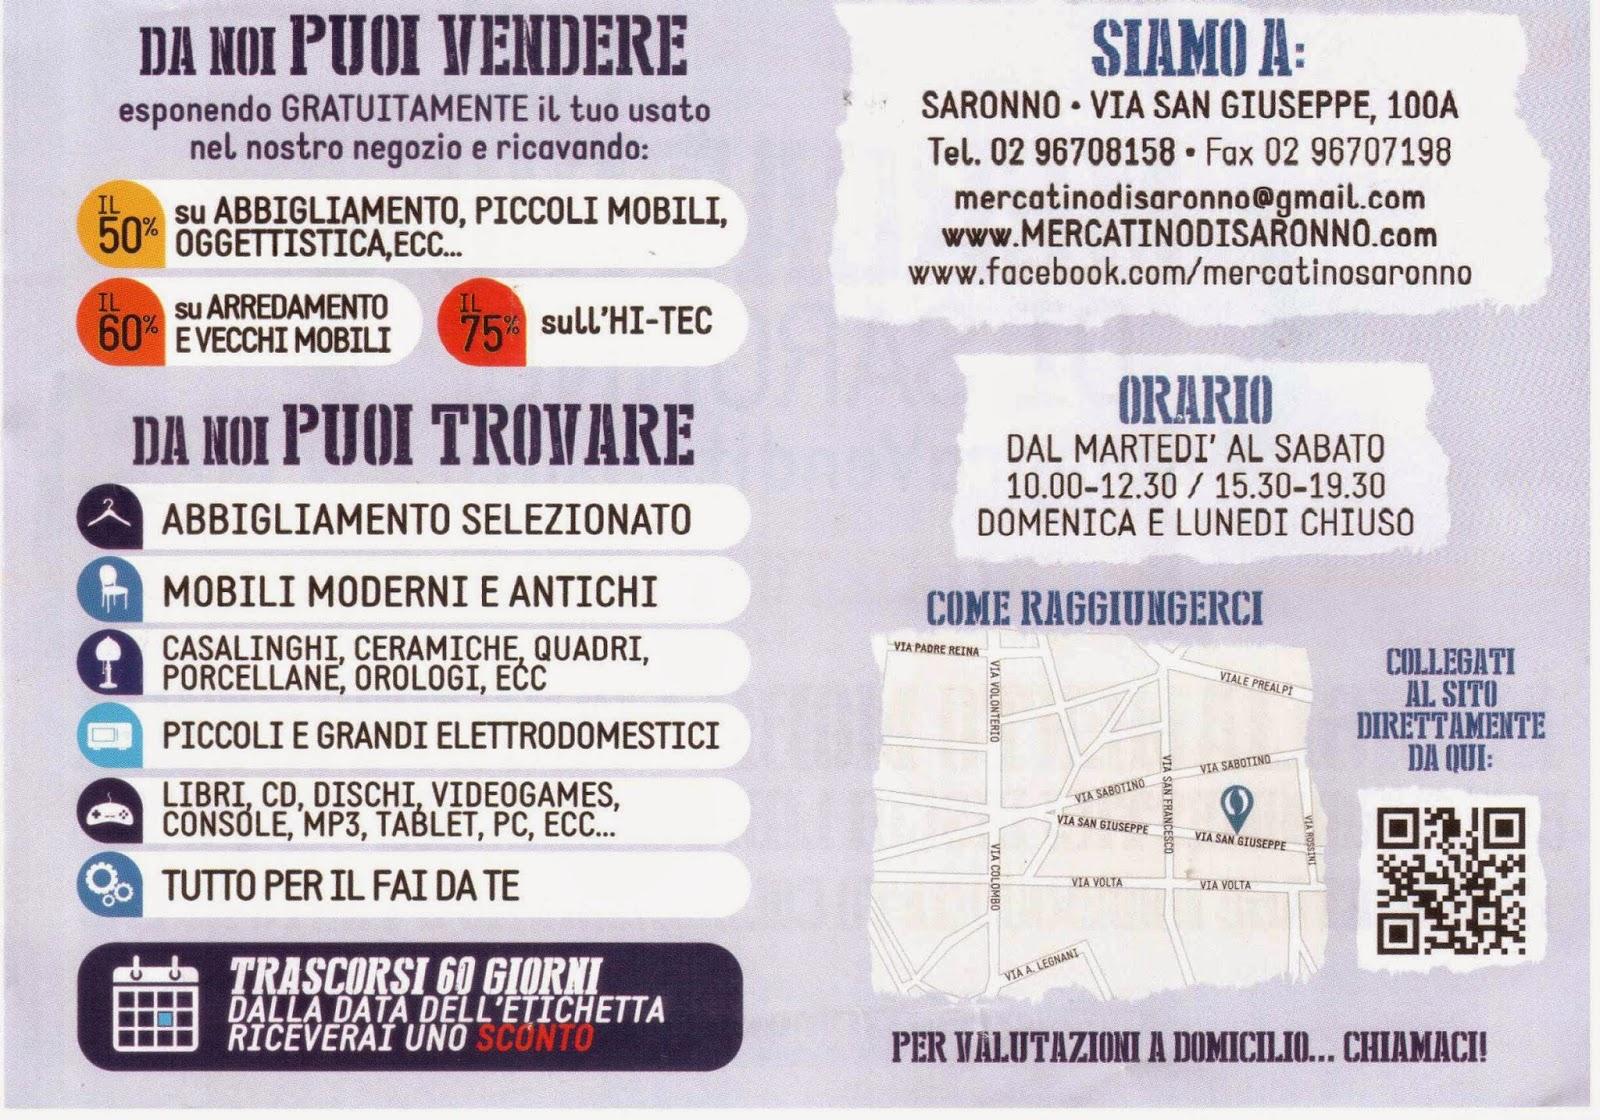 Il Volantino Pubblicitario Del Mercatino Di Saronno CANEGRATE USATOMANIA  Via Olona, 5 (area Ex Borletti) Cell. 340 3793585